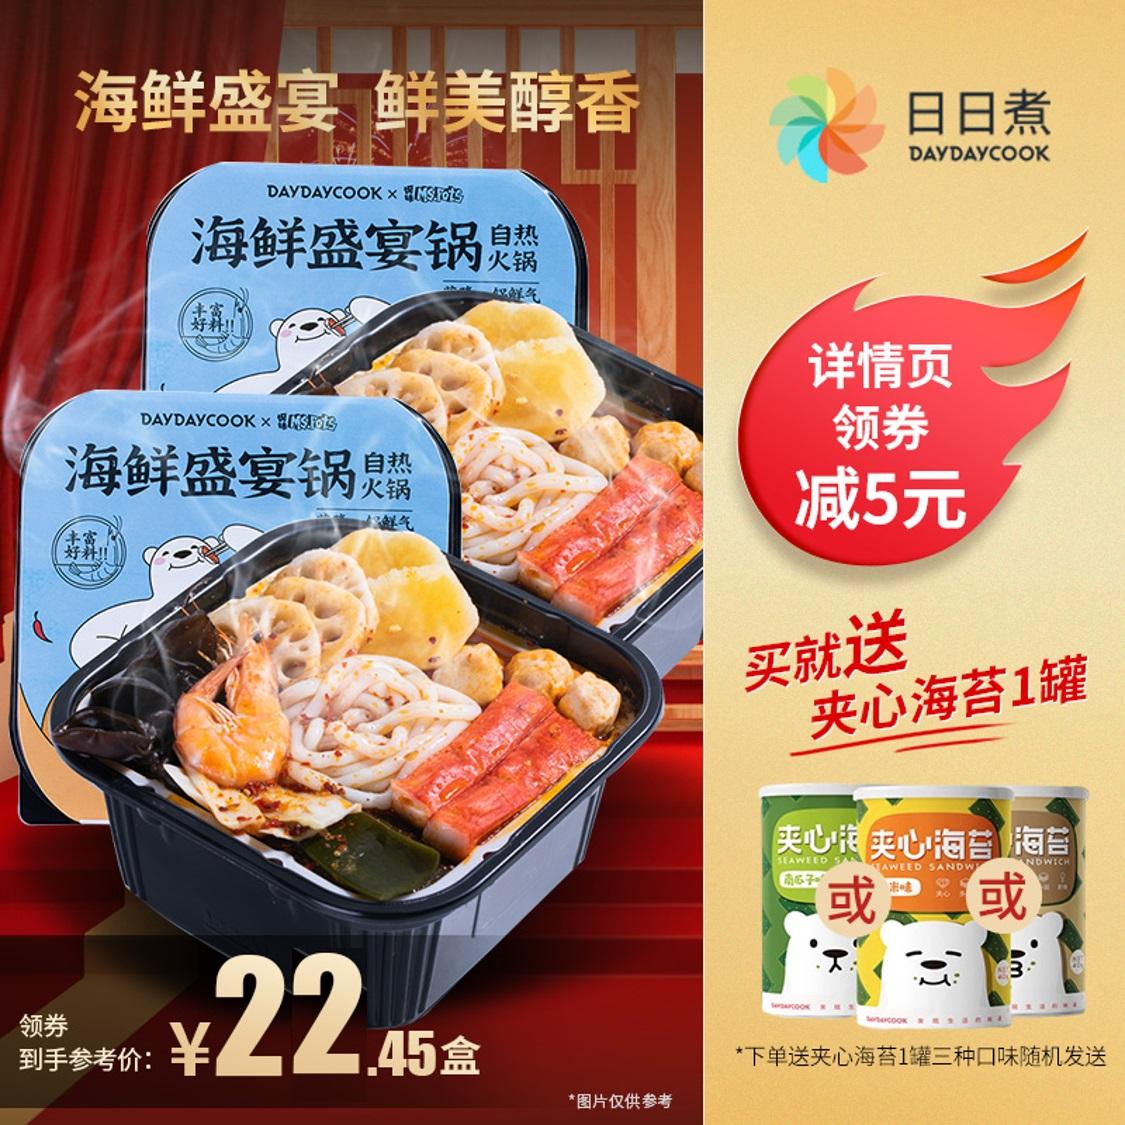 【专享】日日煮懒人火锅自热火锅海鲜锅重庆老火锅方便速食2盒装